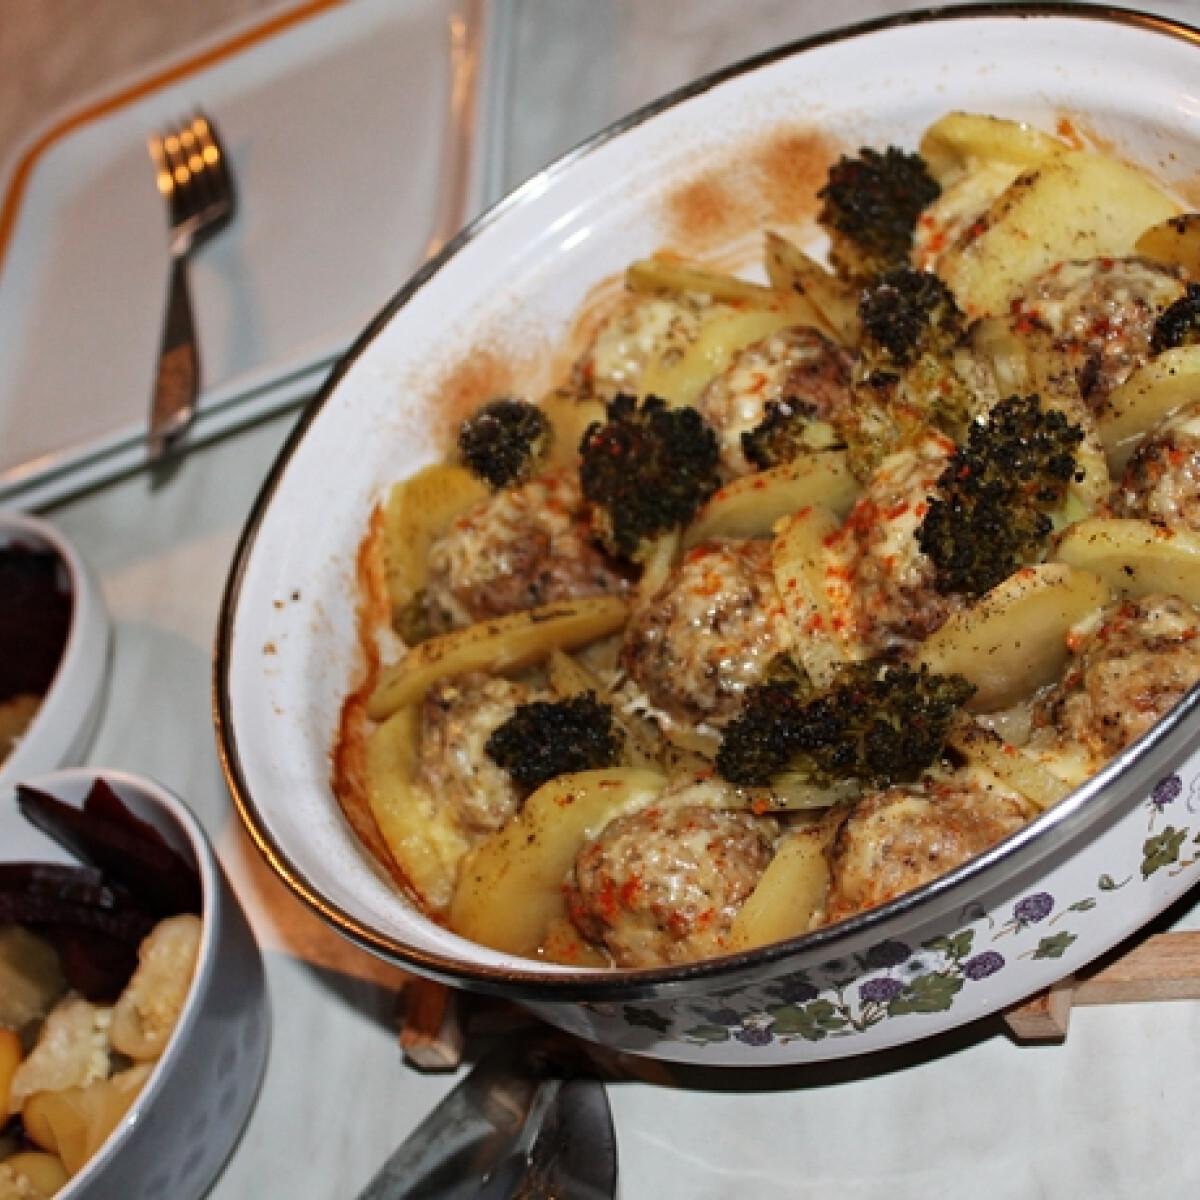 Ezen a képen: Fasírtgolyók vele sült burgonyával, brokkolirózsákkal